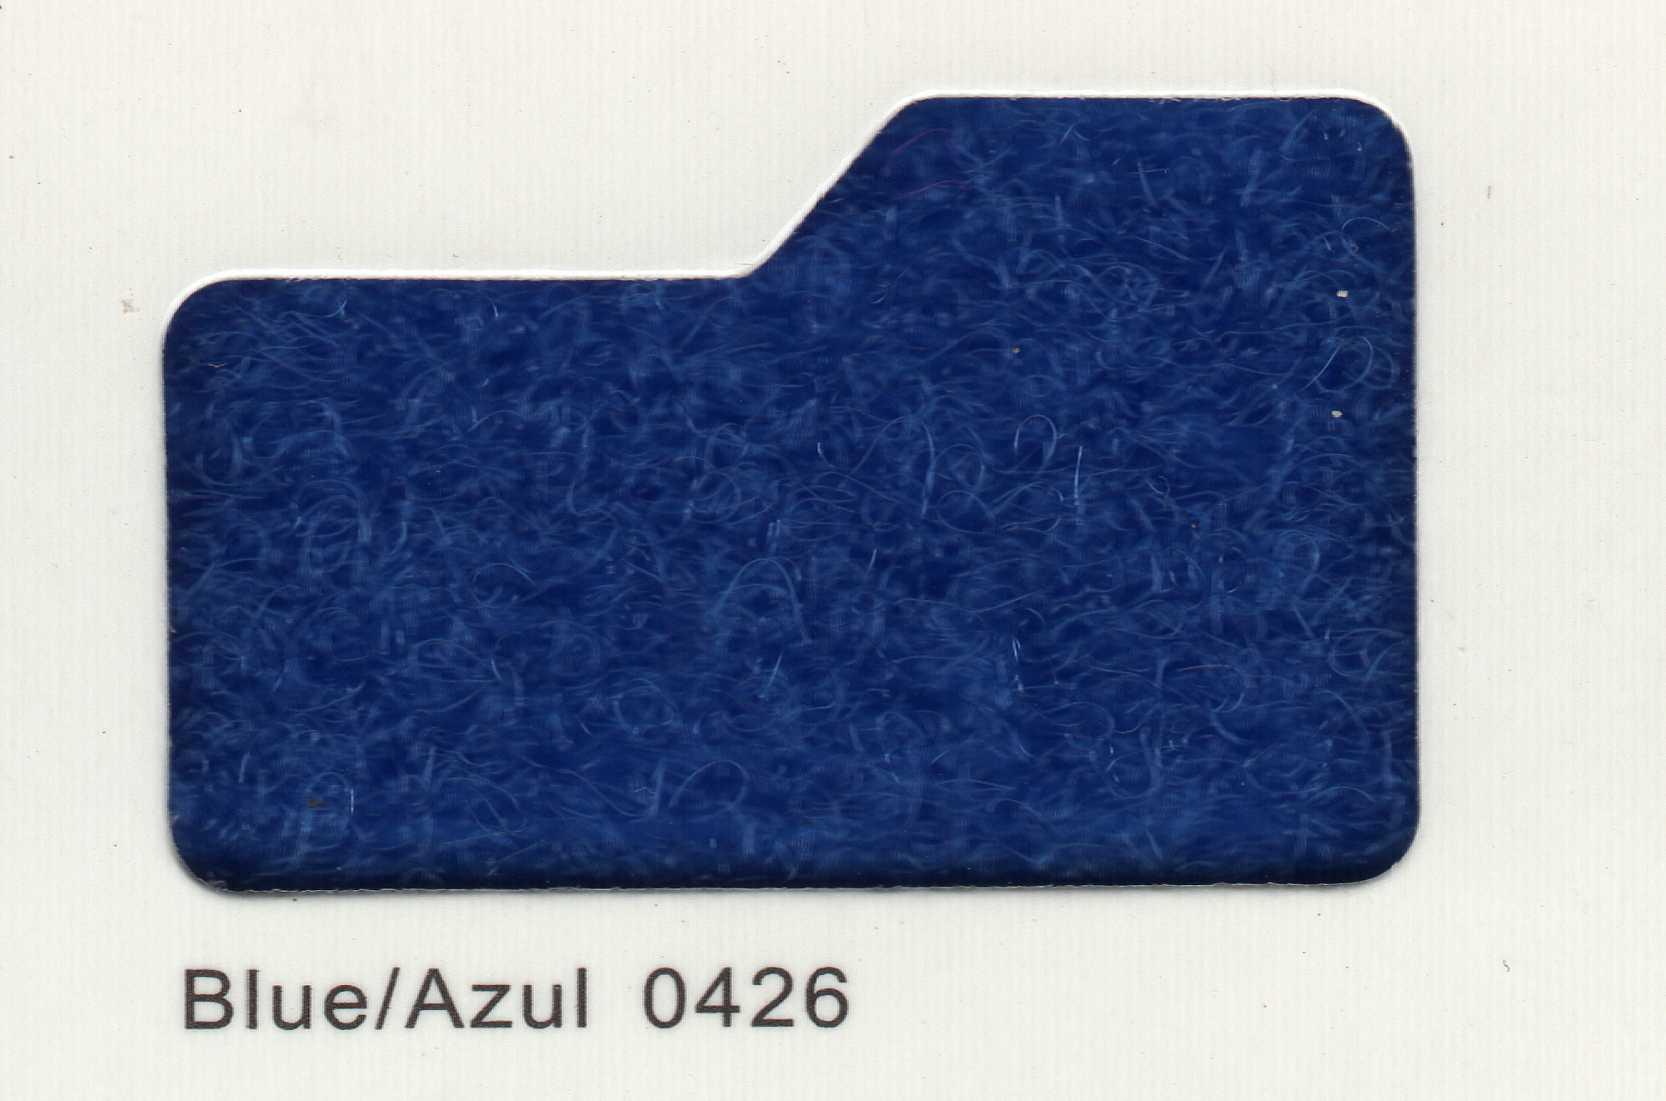 Cinta de cierre Velcro-Veraco 30mm Azul 0426 (Gancho).